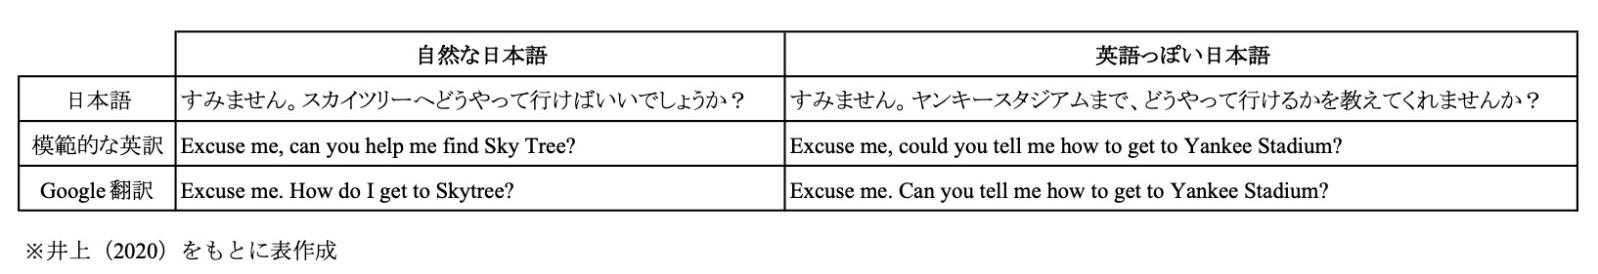 表|自然な日本語と英語っぽい日本語が英訳された場合の比較